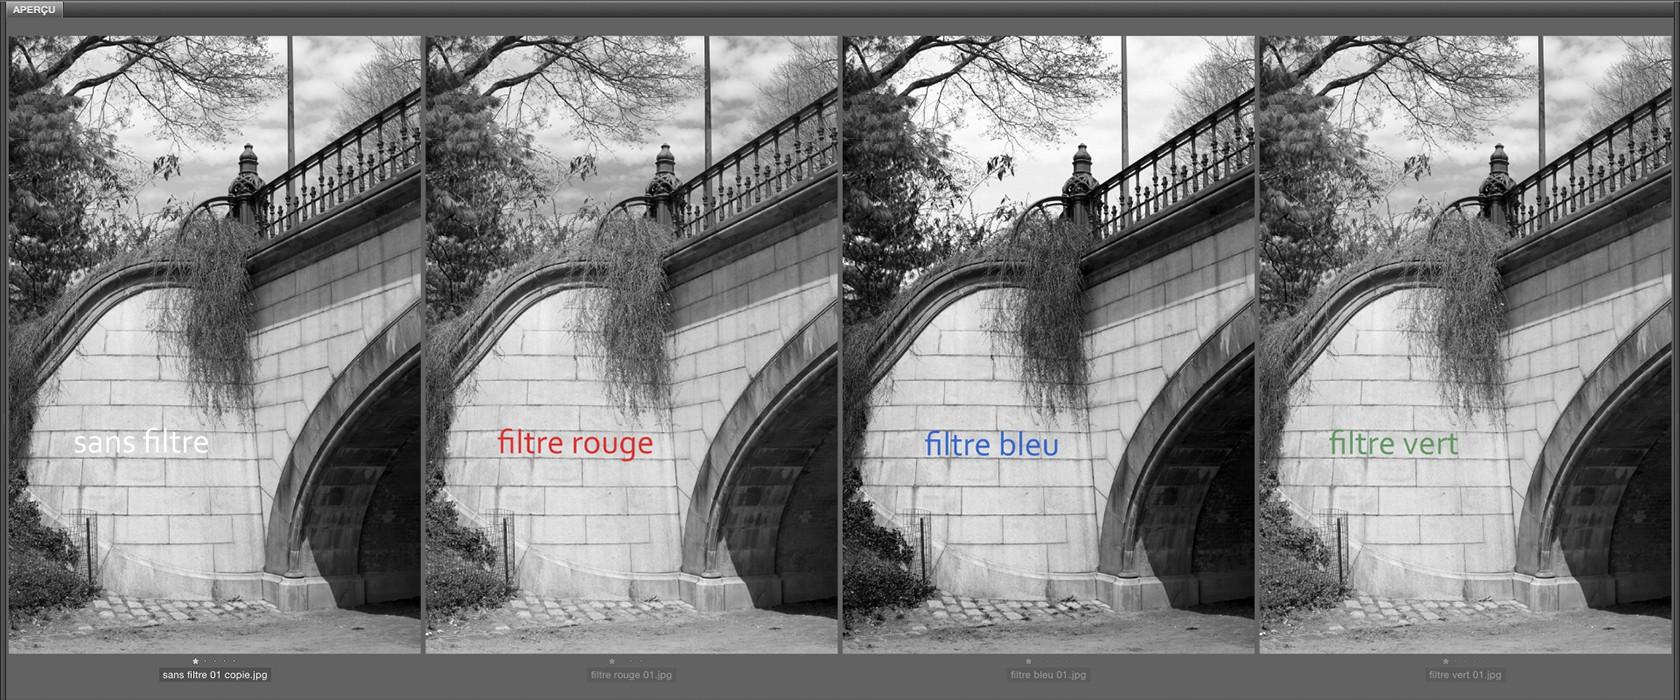 Tuto Photographiez Et éditez Comme Ansel Adams Avec Photoshop Cs6 Sur Tutocom